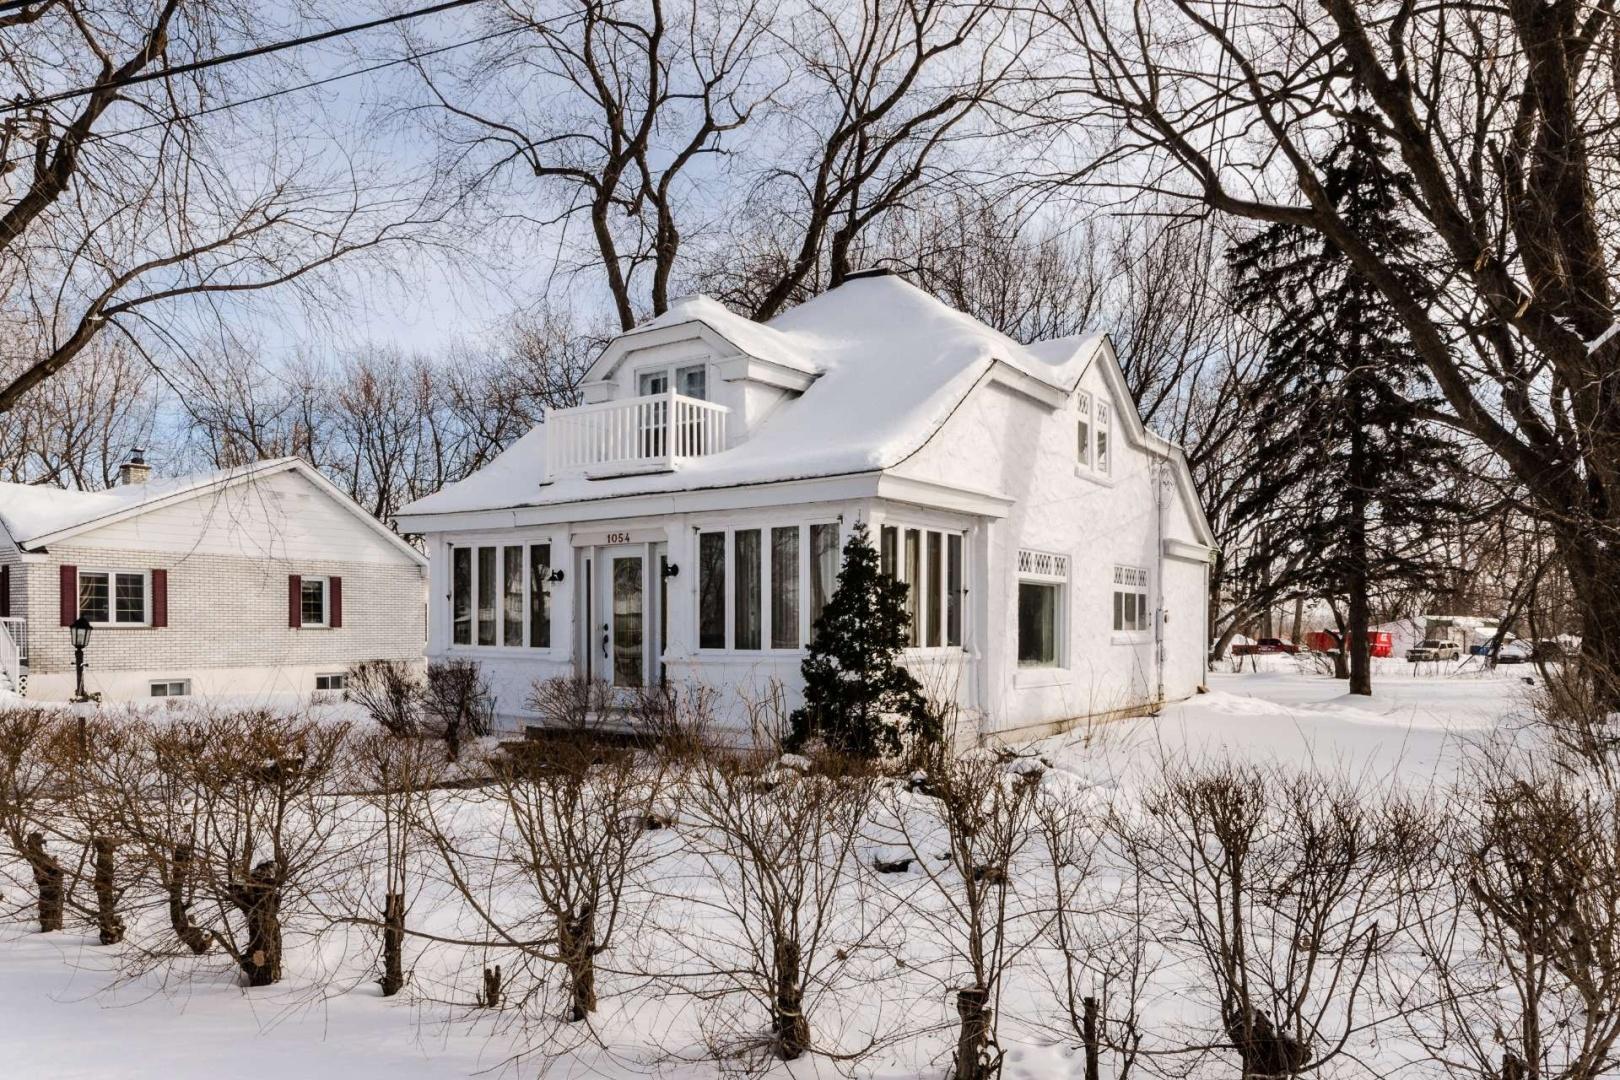 Maison-etages-boucherville-vieux-village-joli-Design-Quebec-01